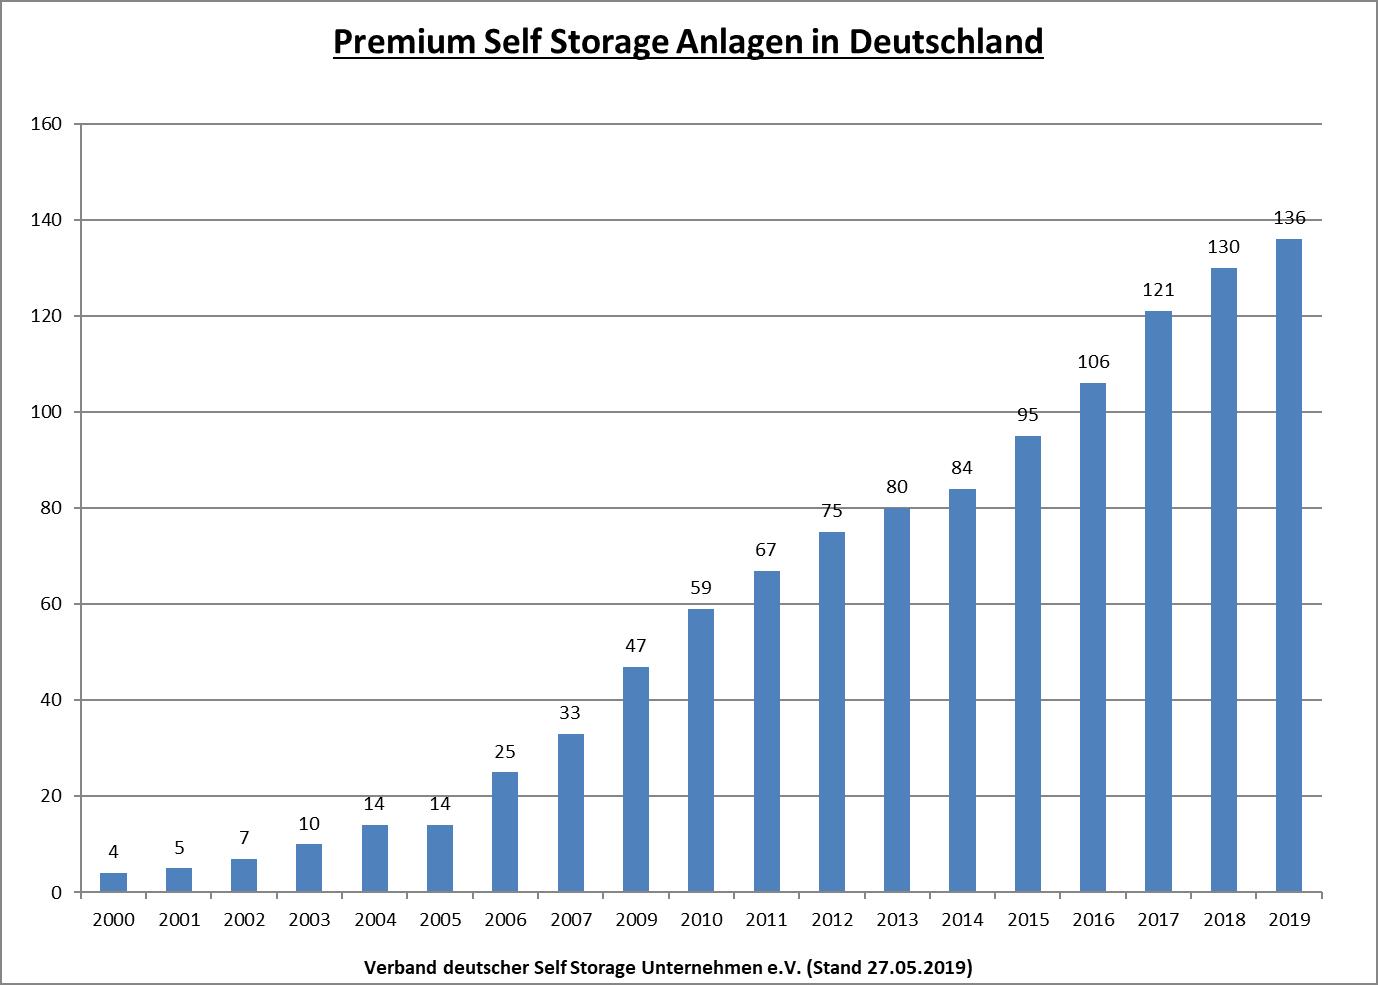 Premium-Selfstorage-Anlagen-Deutschland